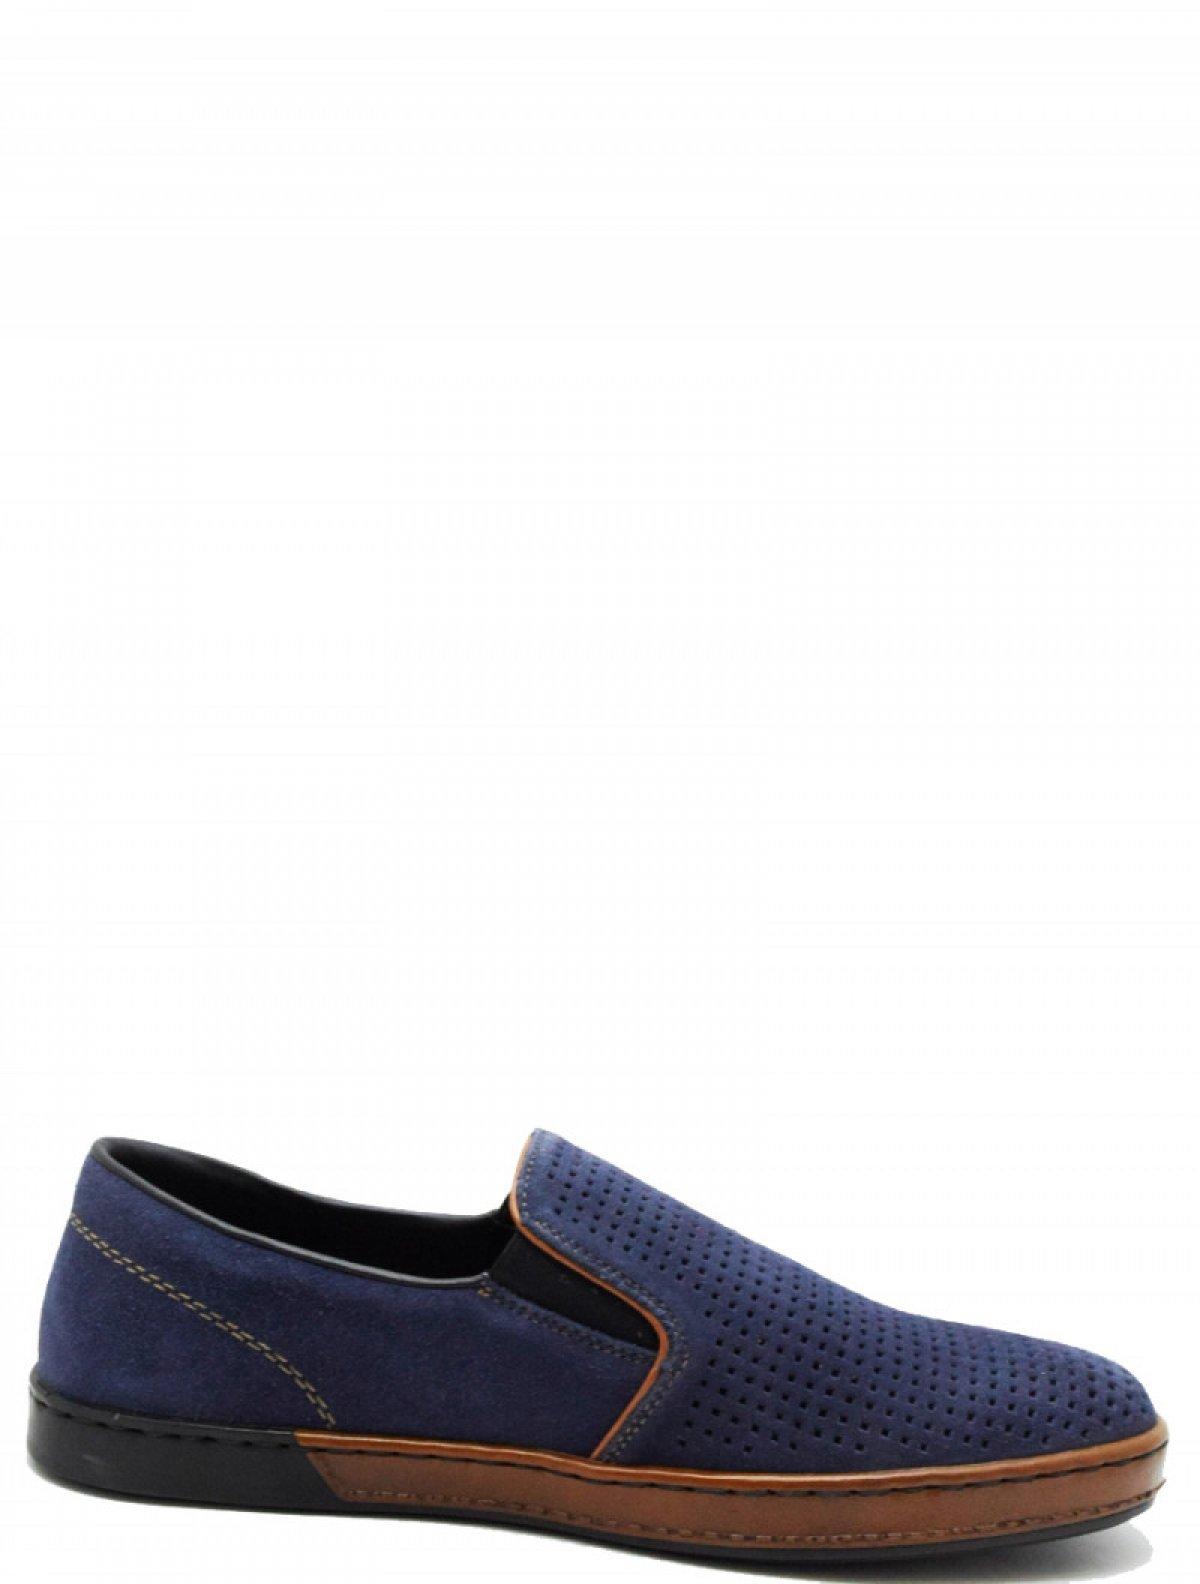 Rieker B2855-14 мужские туфли